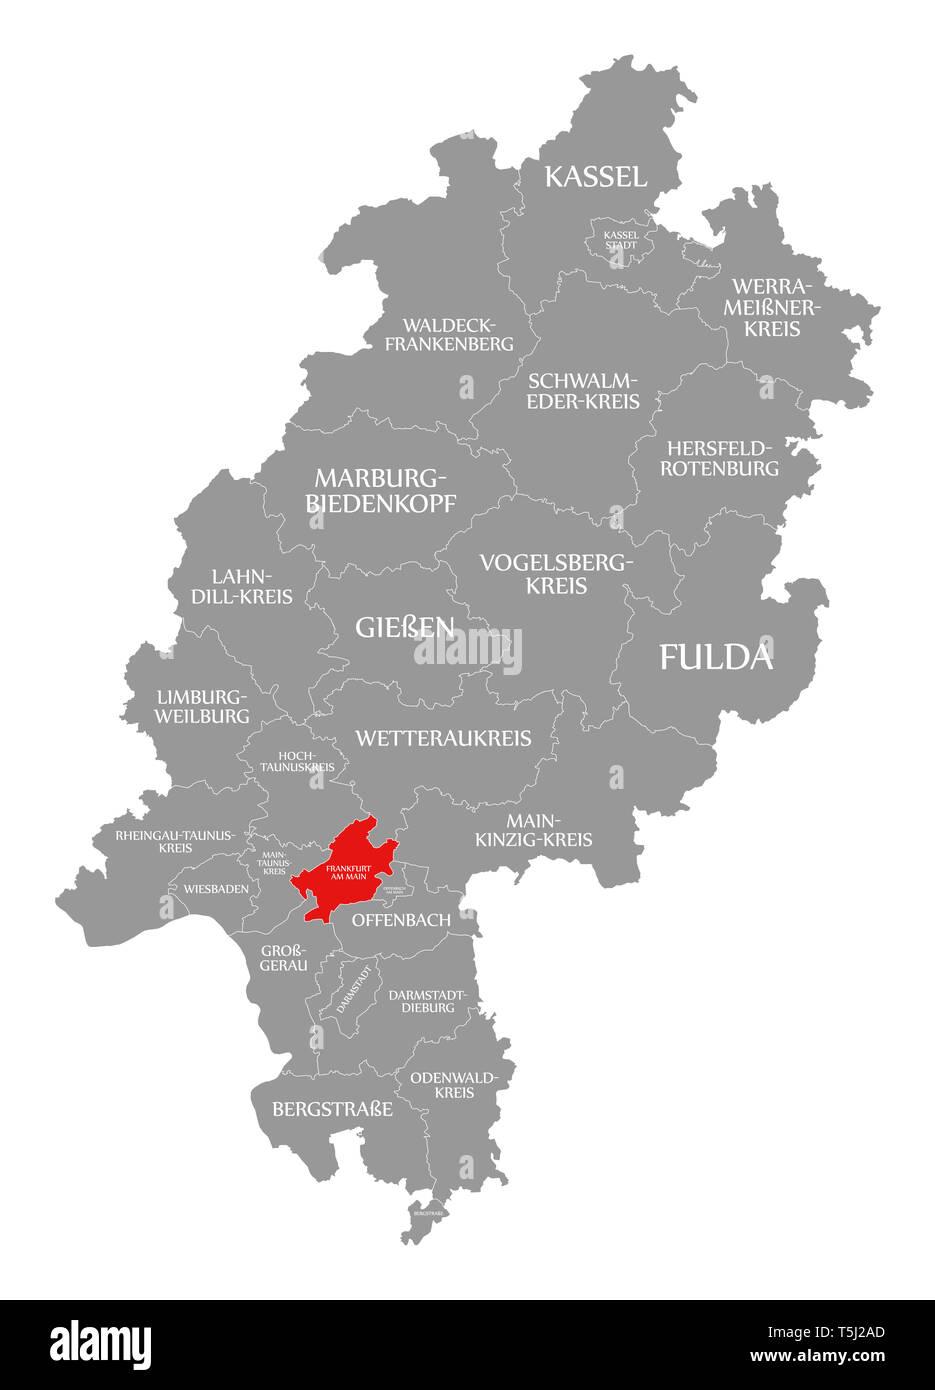 deutschland karte frankfurt am main Frankfurt am Main county rot hervorgehoben Karte von Hessen